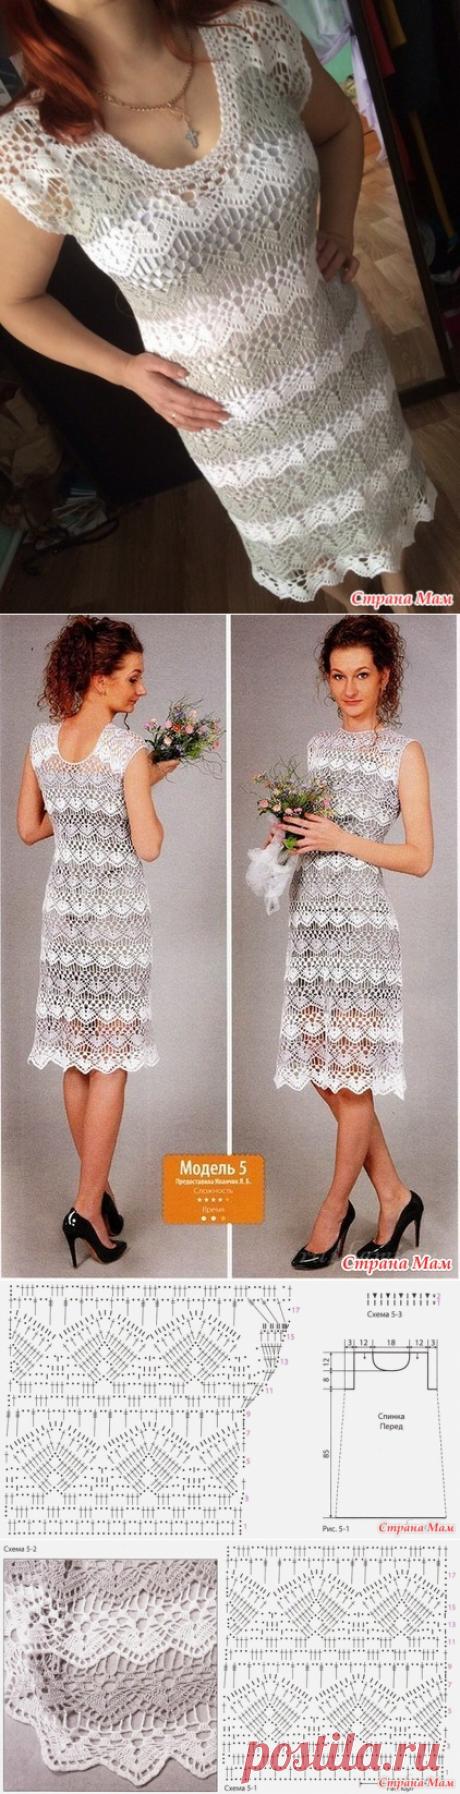 бело-серое платье - Вязание - Страна Мам